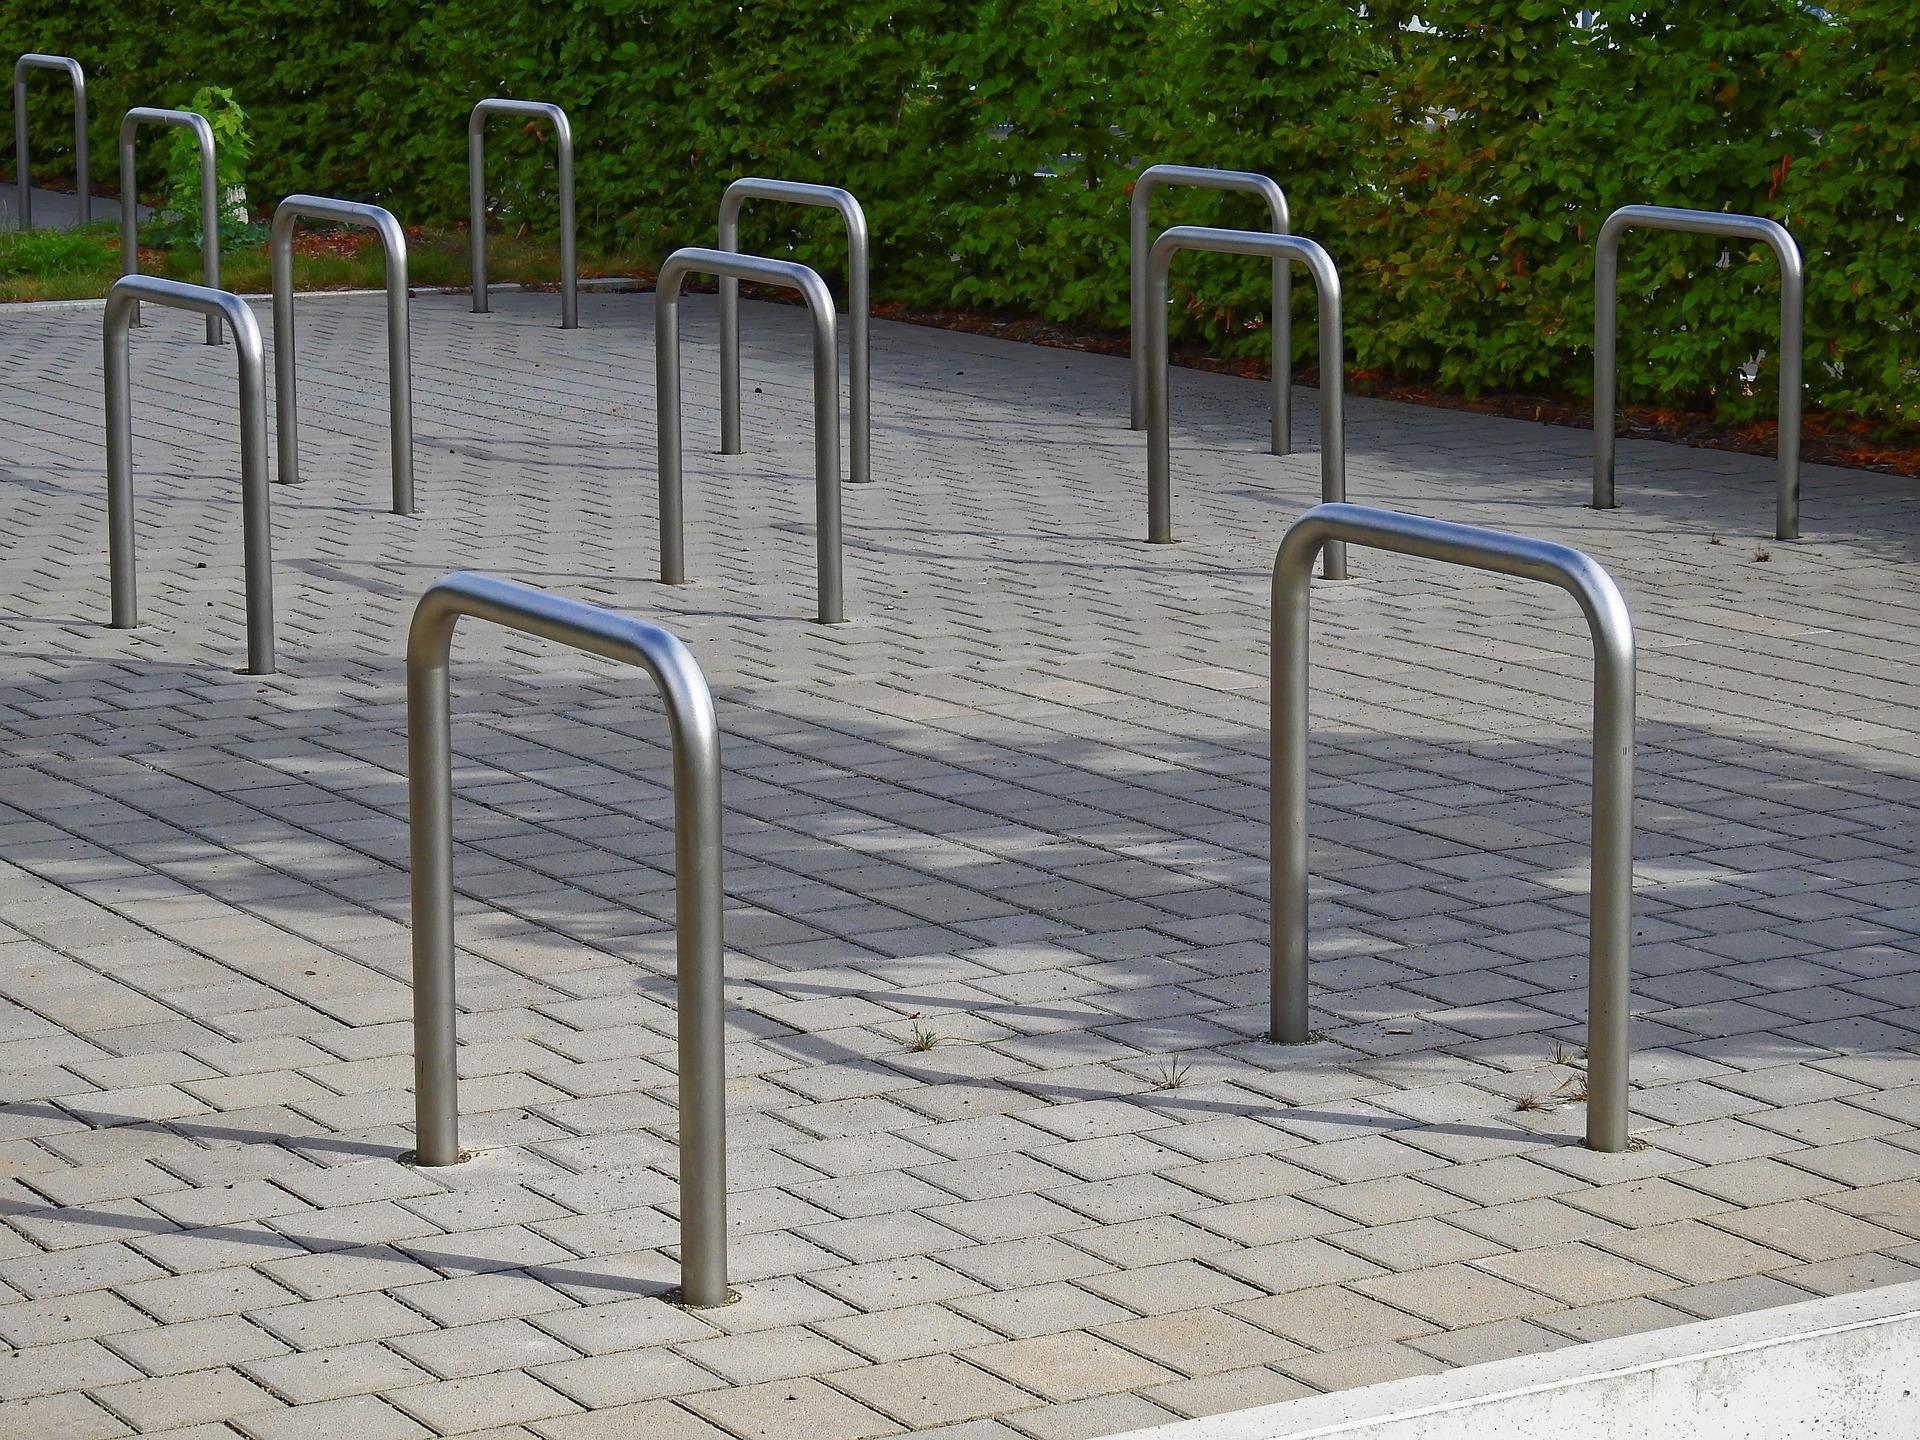 Bereitstellung von Mitteln für die Schaffung von sicheren Abstellmöglichkeiten für E-Bikes und Lastenfahrräder